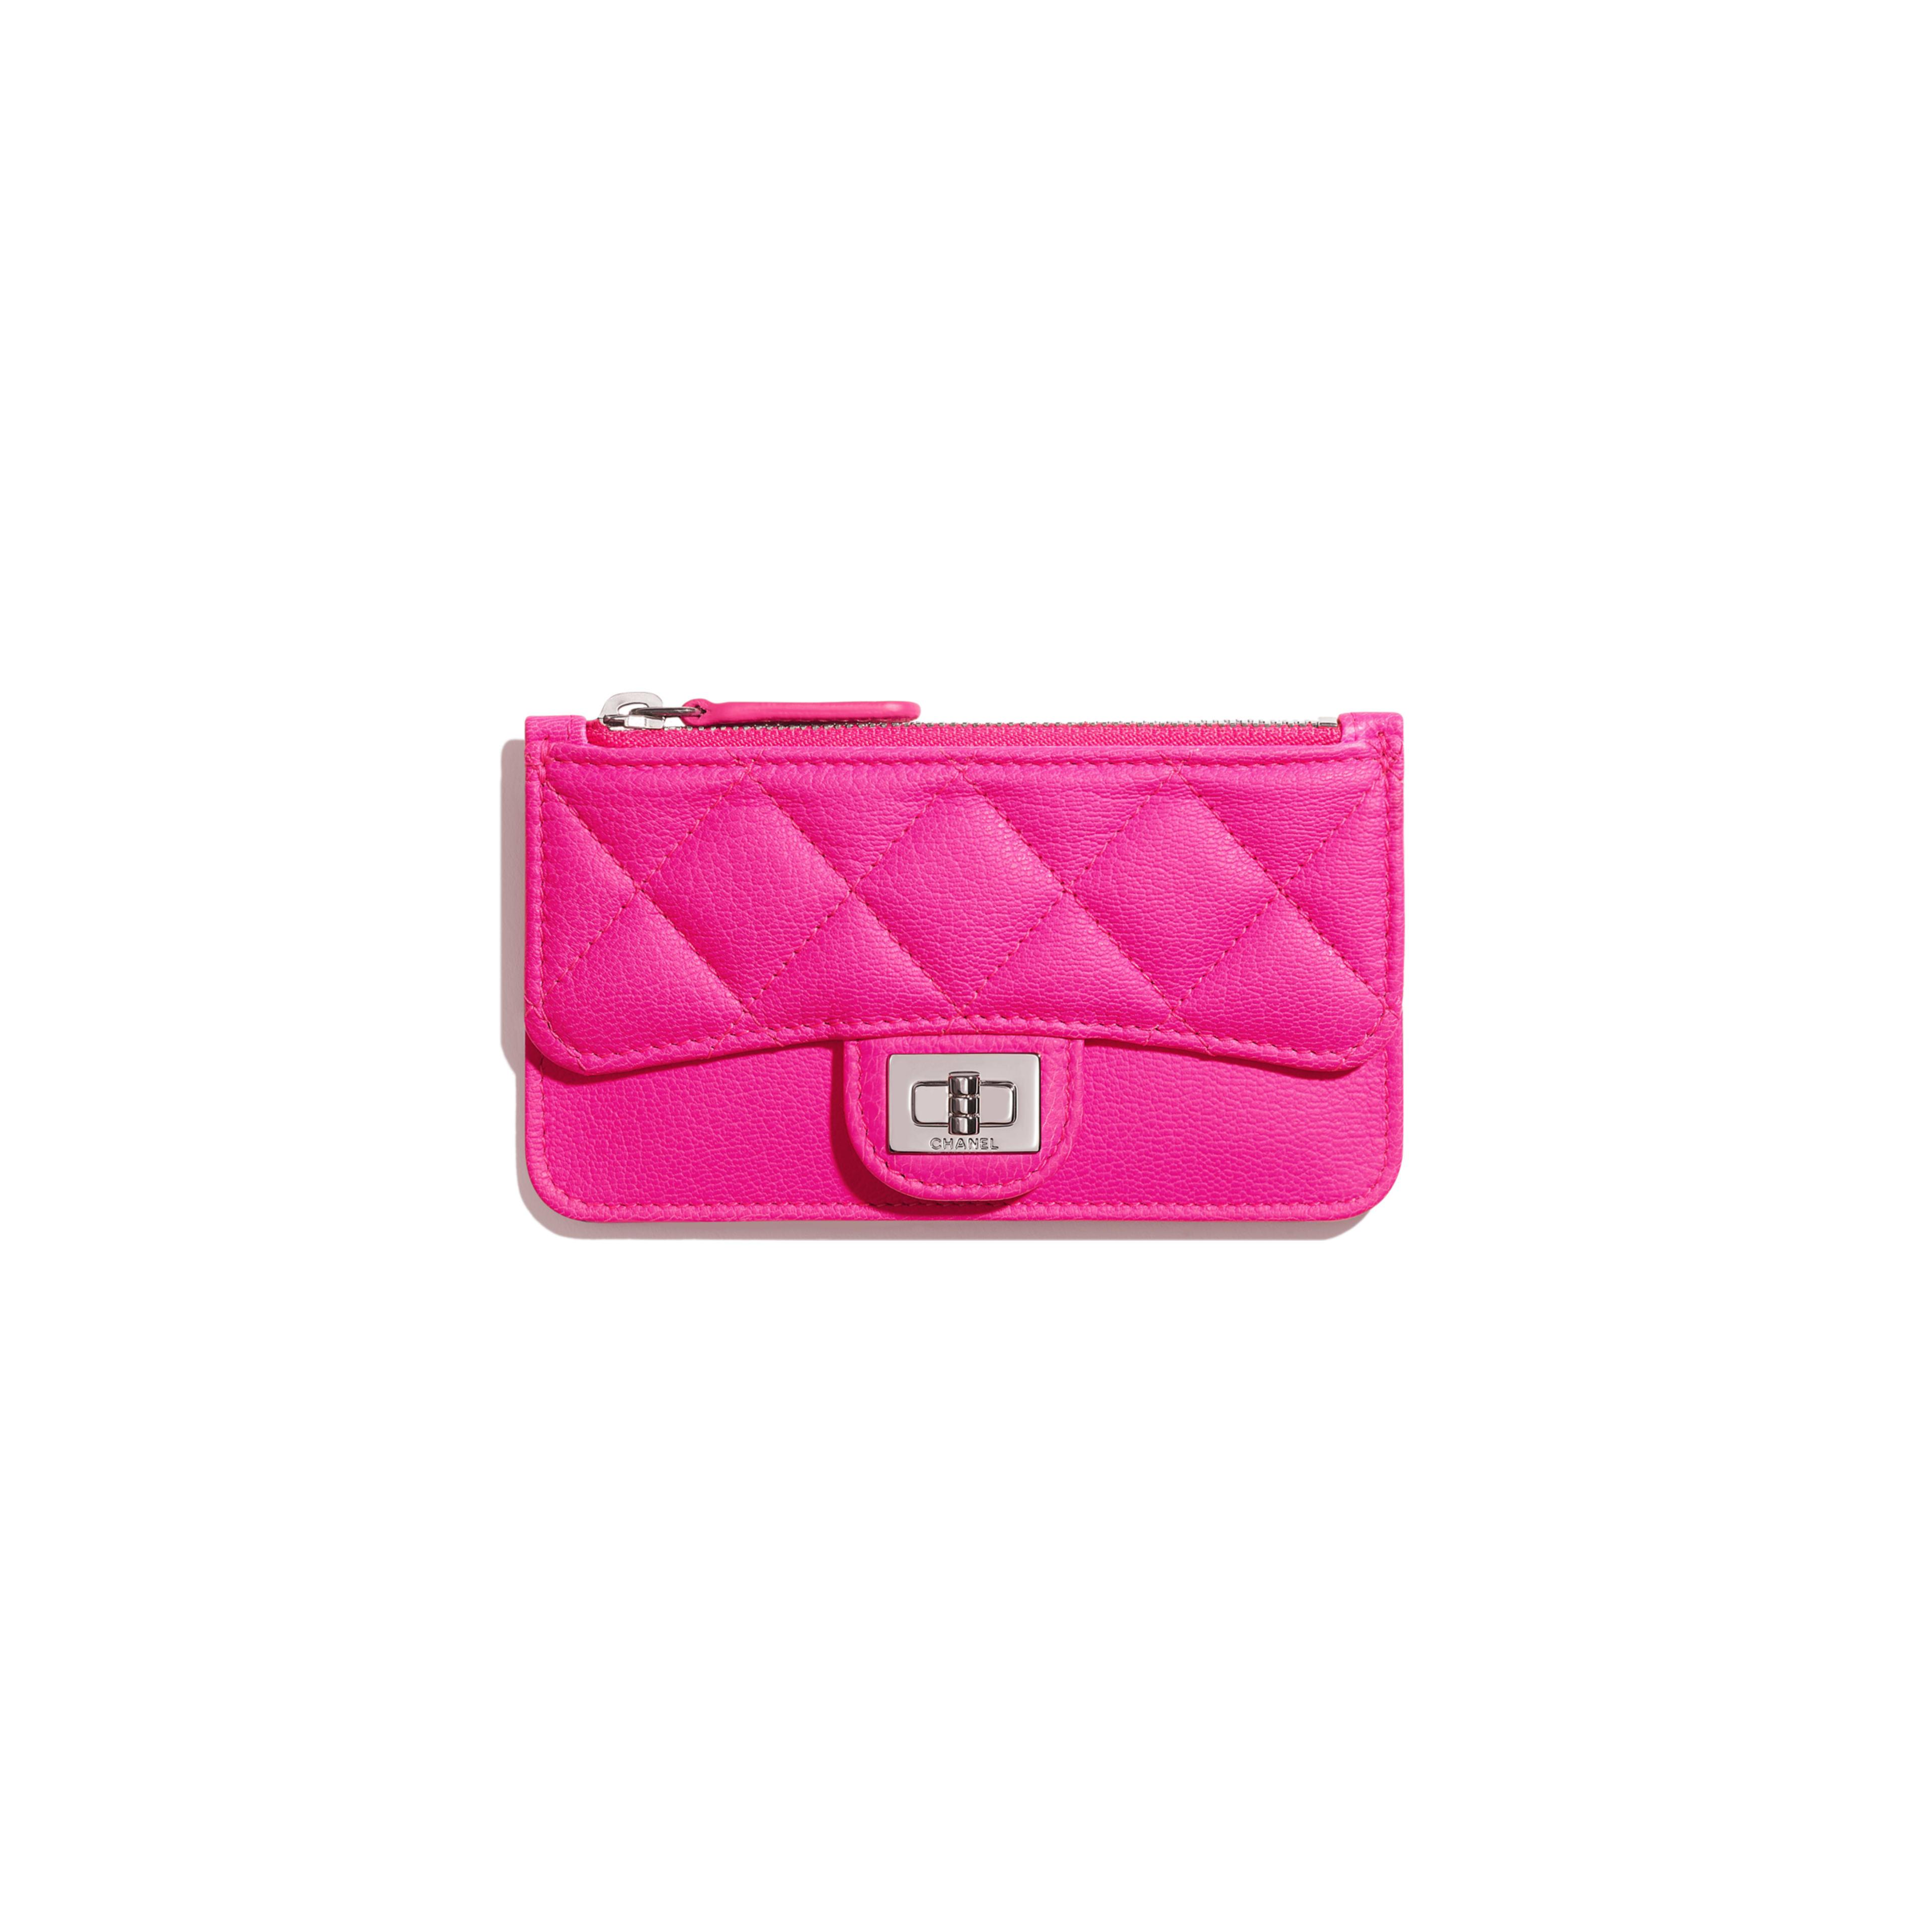 กระเป๋าใส่การ์ดแบบฝาปิดทรง 2.55 - สีชมพู - หนังแพะและโลหะสีเงิน - มุมมองปัจจุบัน - ดูเวอร์ชันขนาดเต็ม